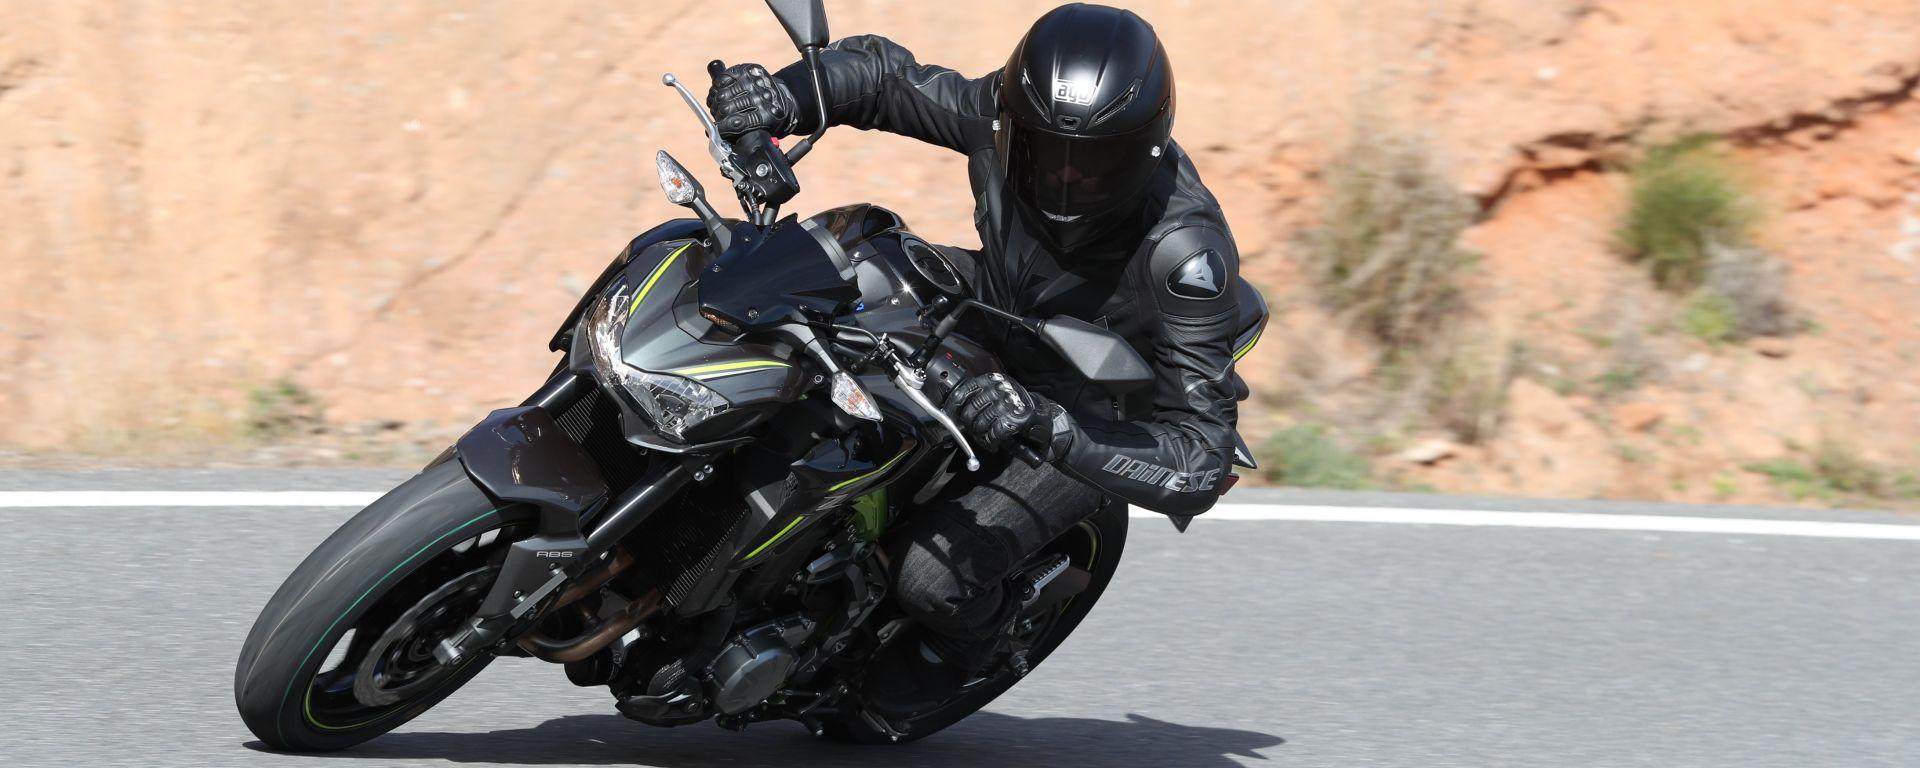 Kawasaki Z900 in piega